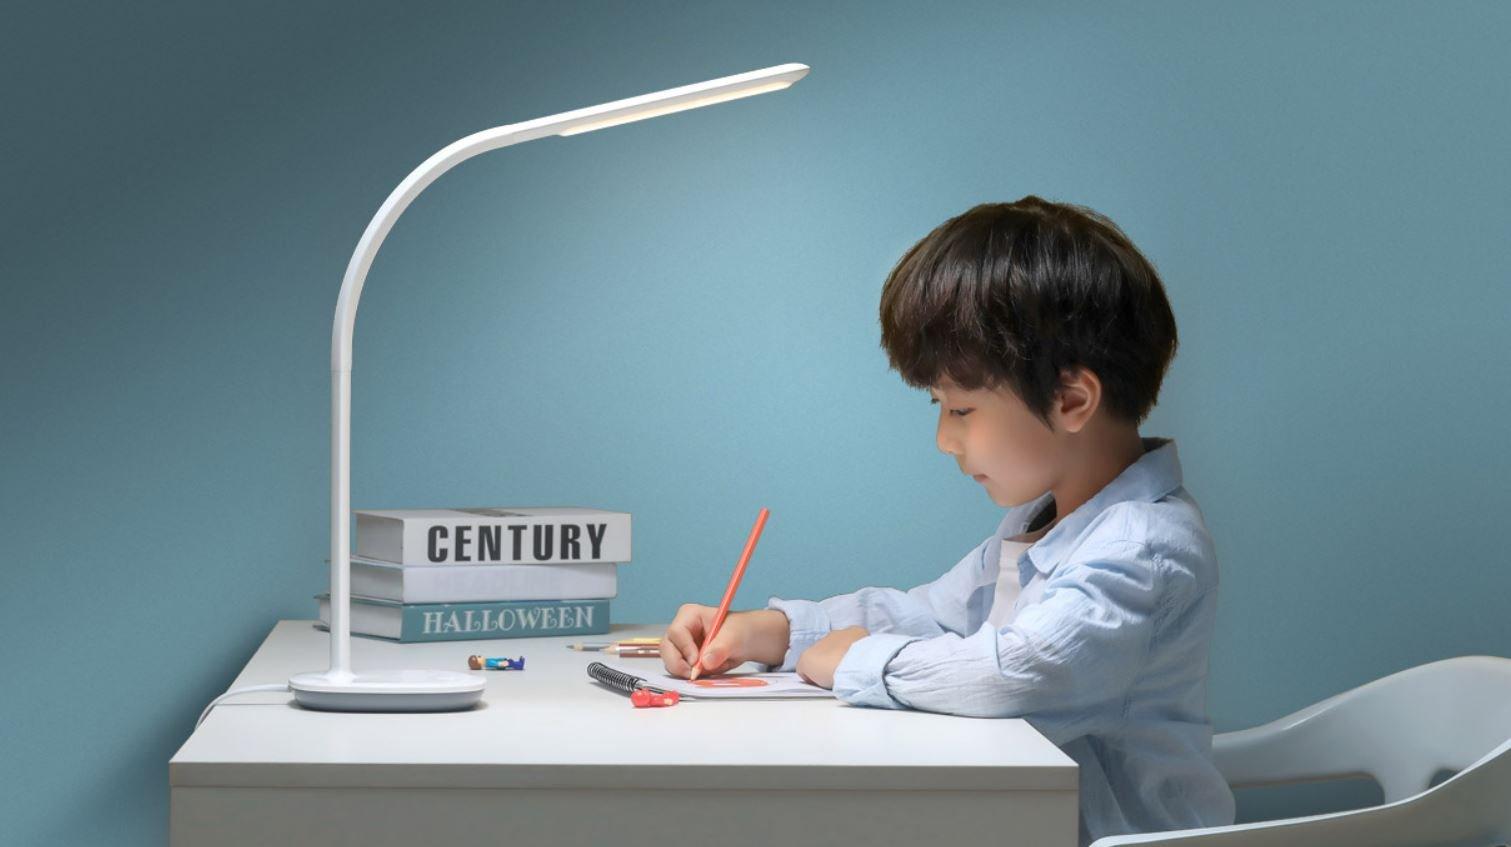 Xiaomi Mijia Philips Table Lamp 3, una nueva lámpara inteligente que cuida de nosotros. Noticias Xiaomi Adictos